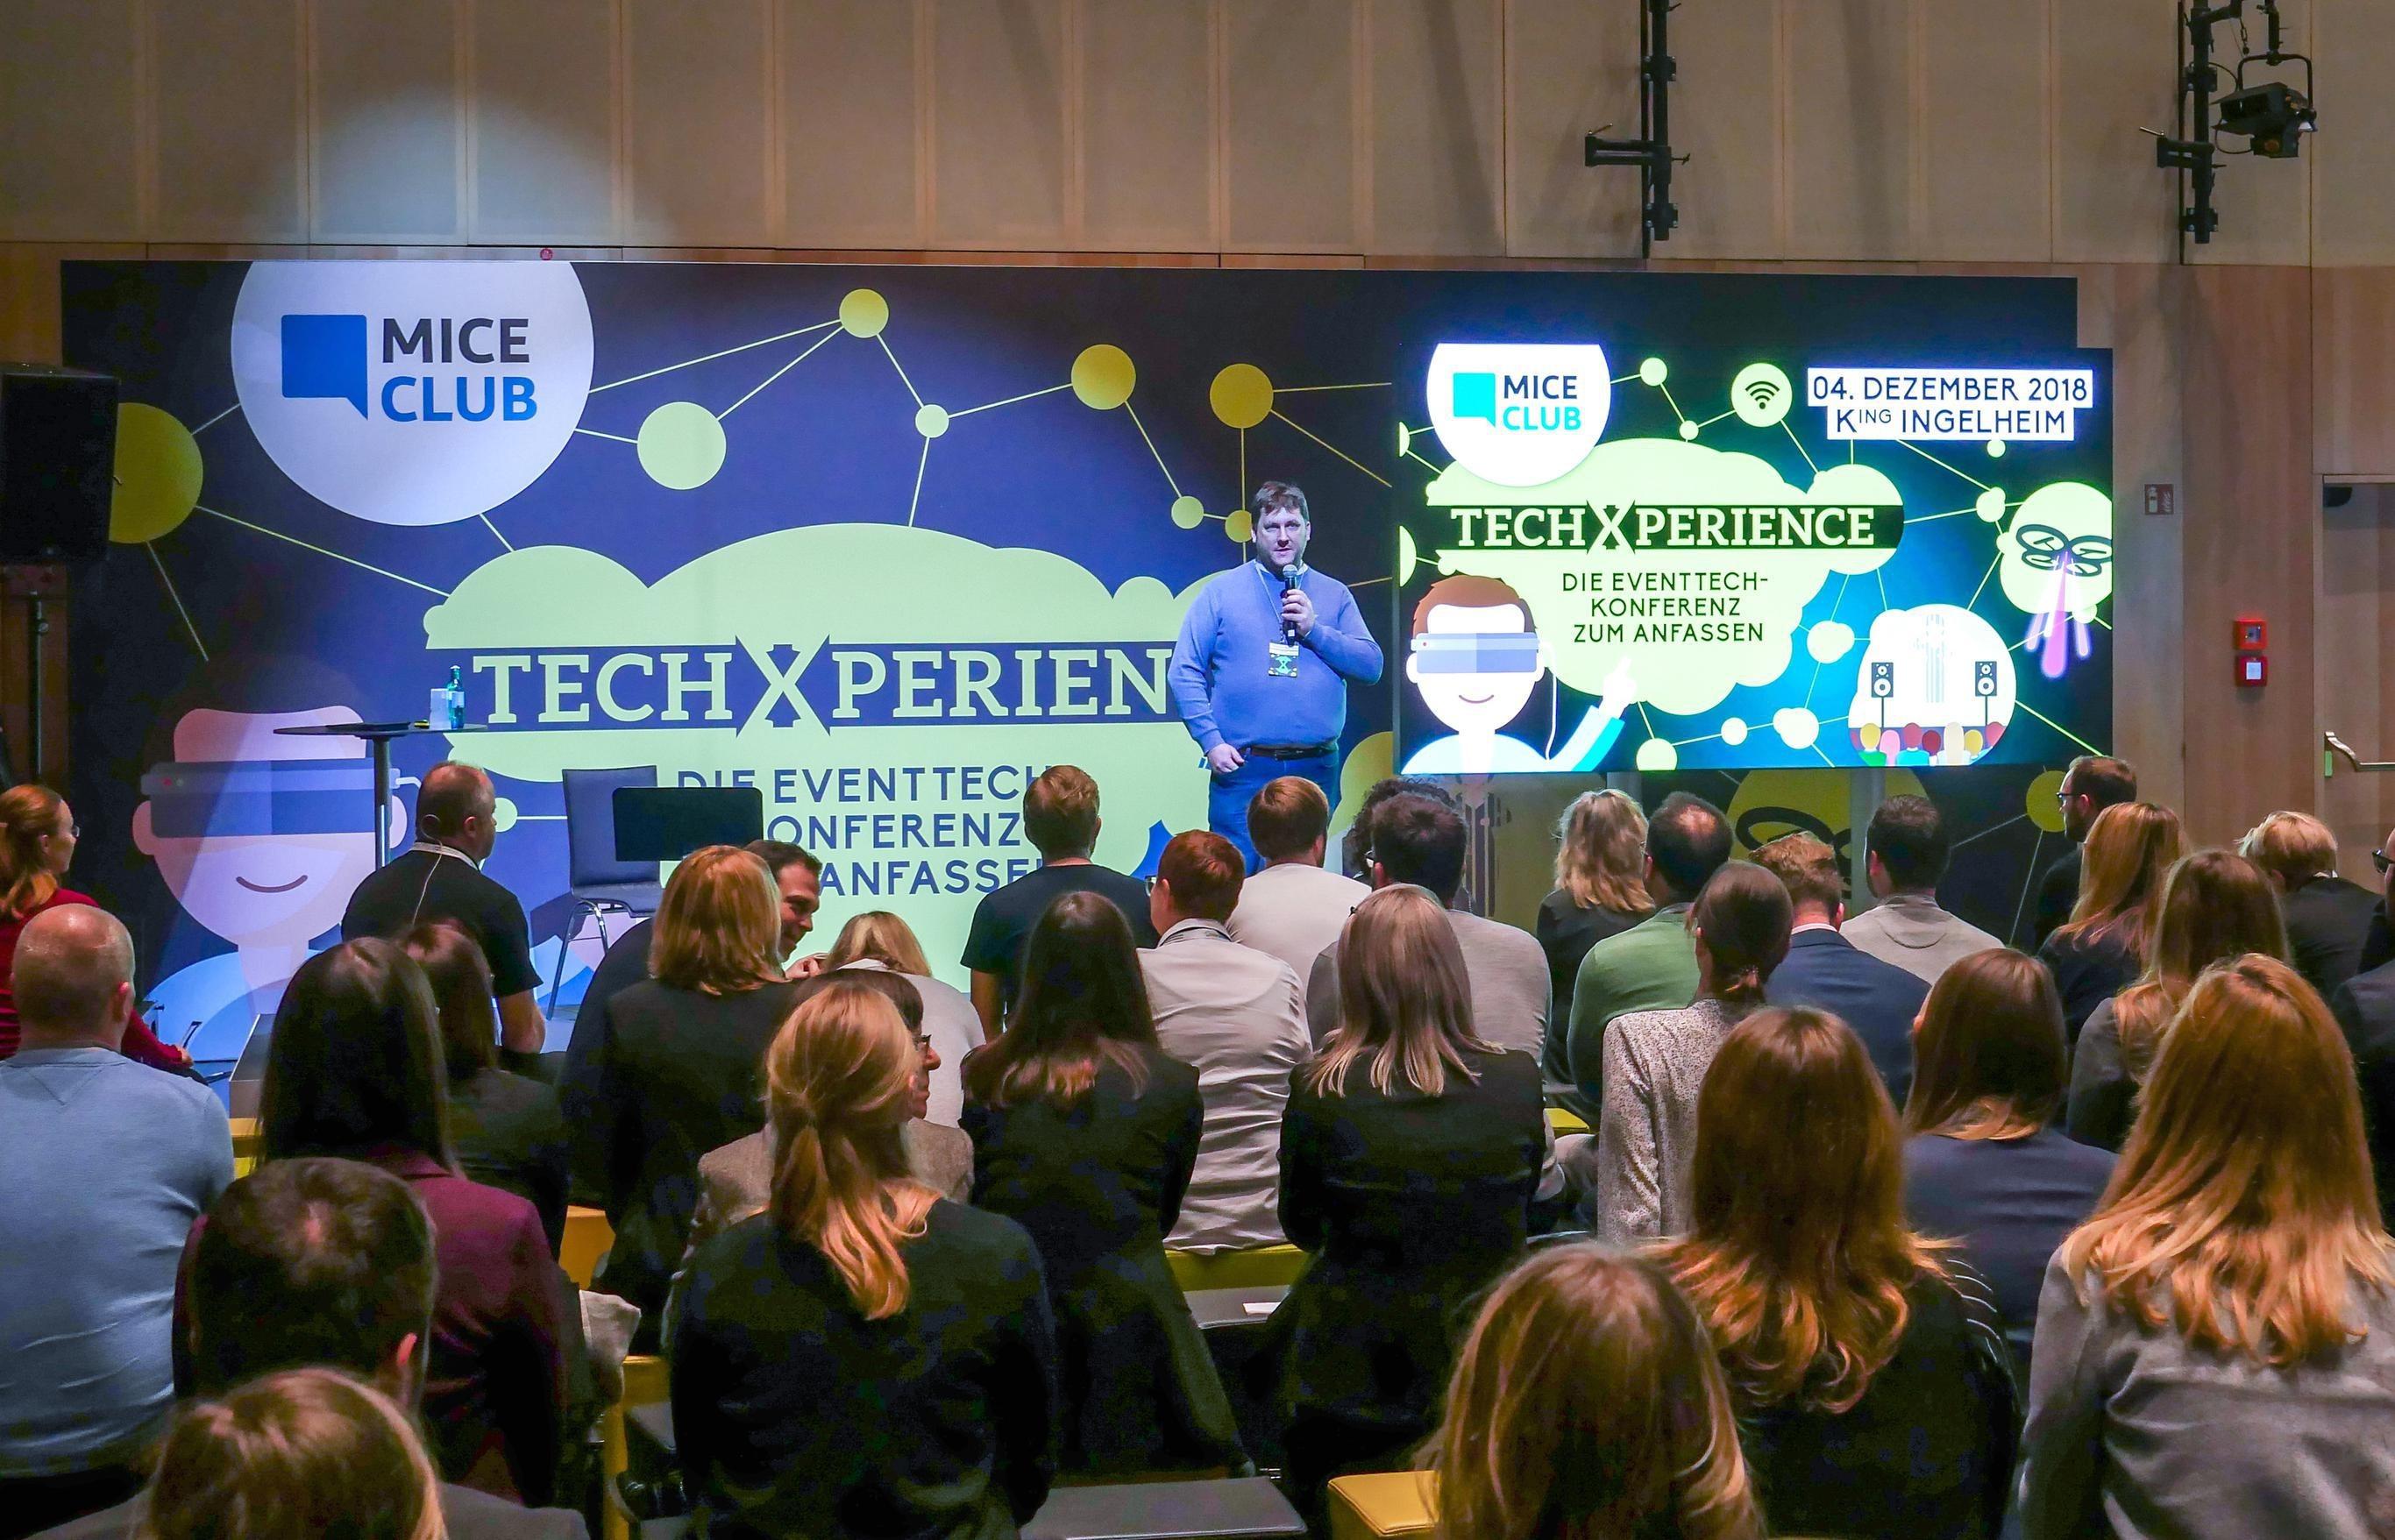 MICE-Club-Geschäftsführer Dominik Deubner bei der Techxperience in Ingelheim.FOTO: MICE CLUB